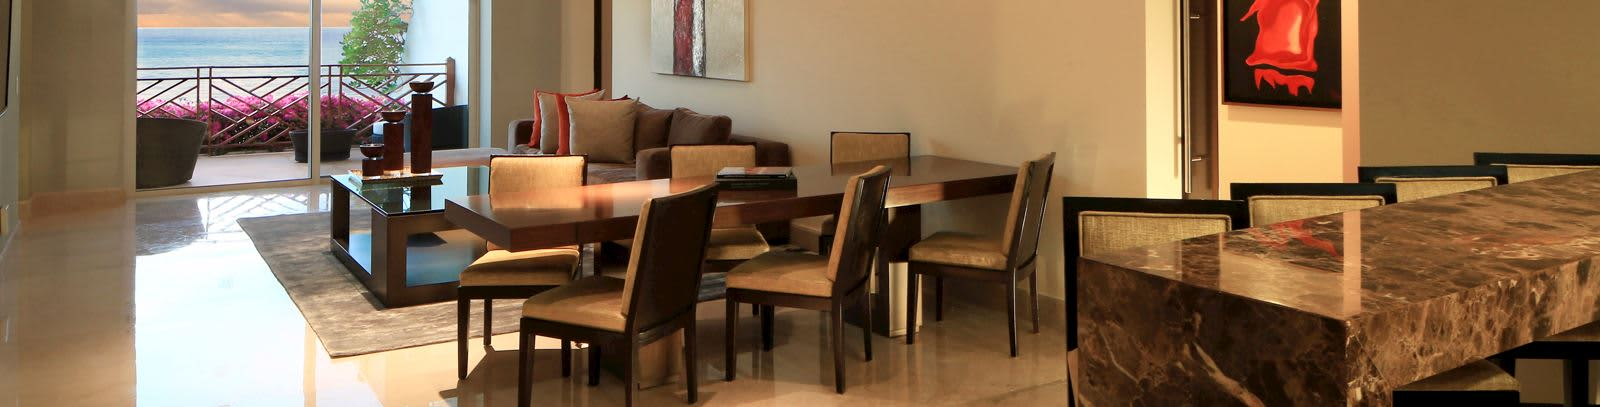 Suites Ambassador en Grand Velas Riviera Maya